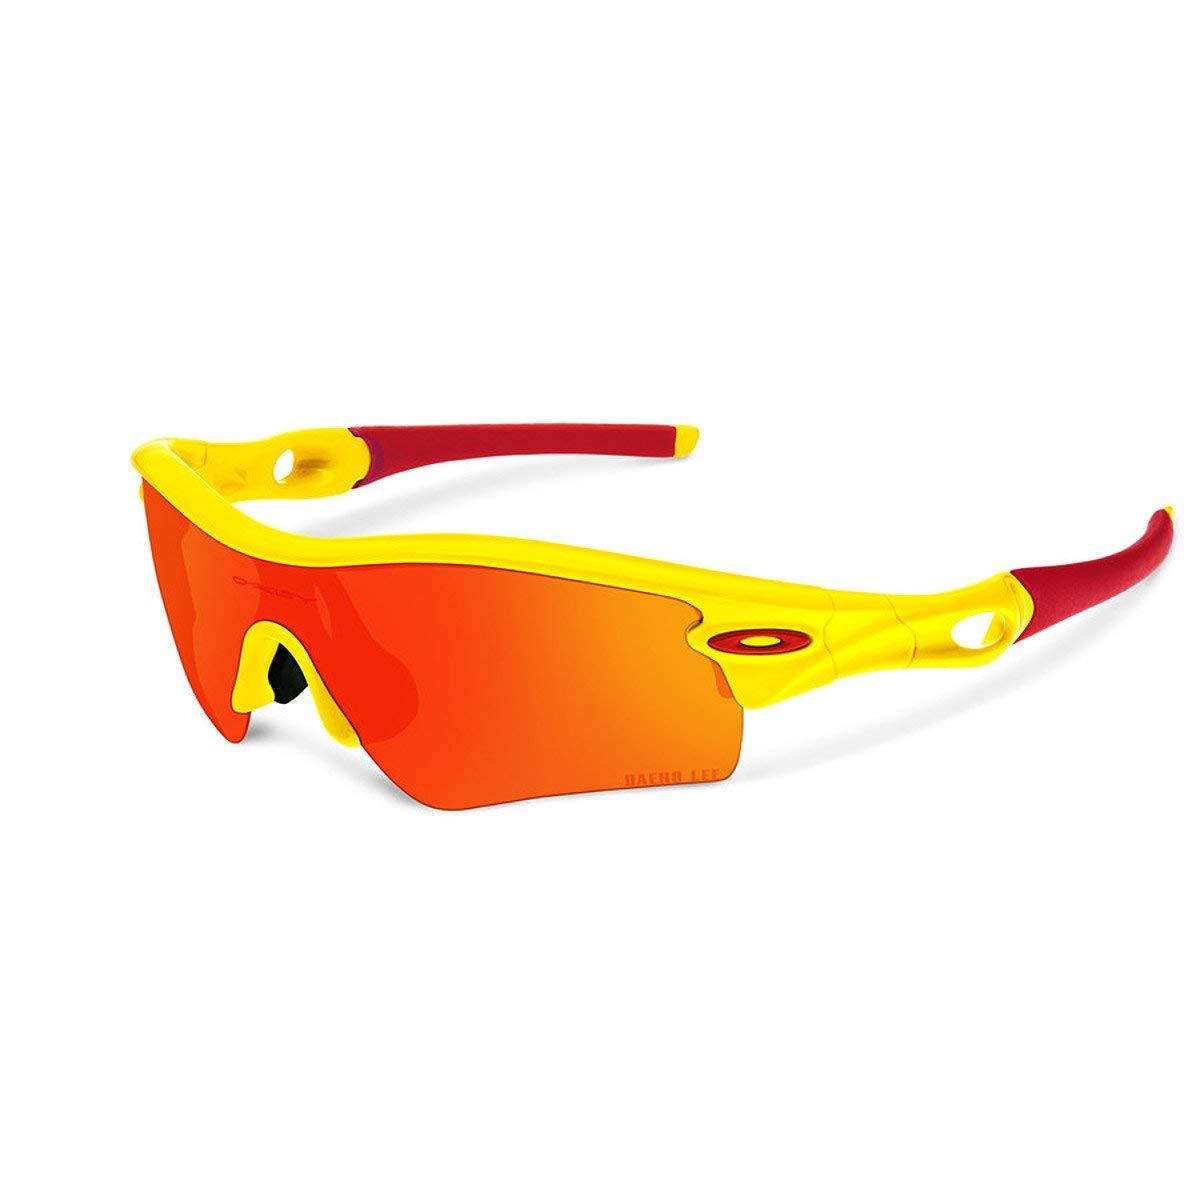 Oakley Radar Path Sunglasses - Asian Fit Daeho Lee Yellow/Fire, One Size by Oakley